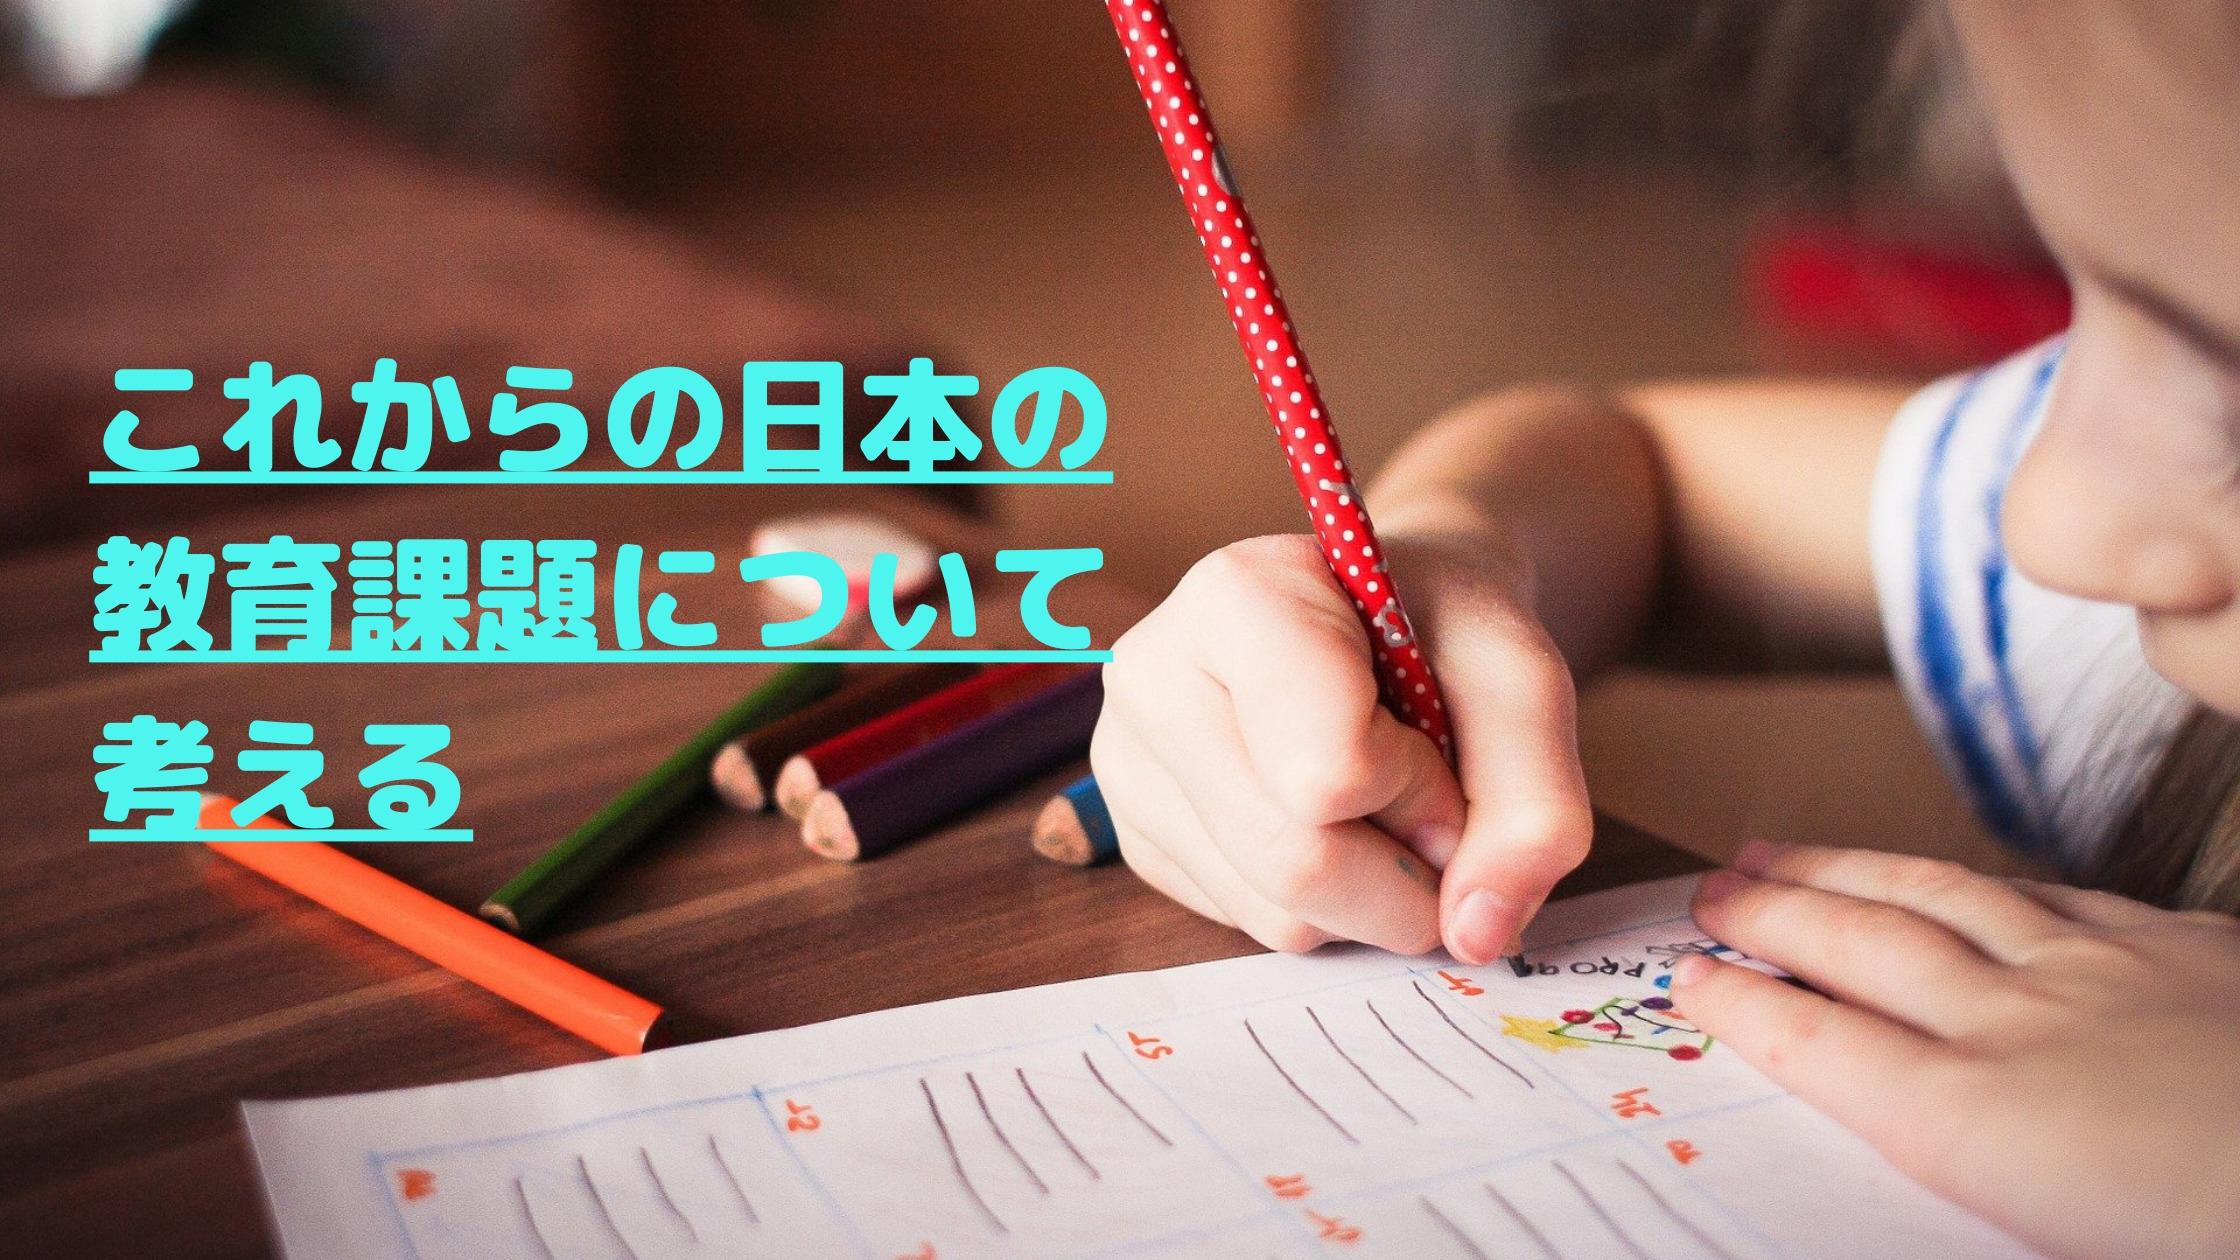 これからの日本の教育課題について考える